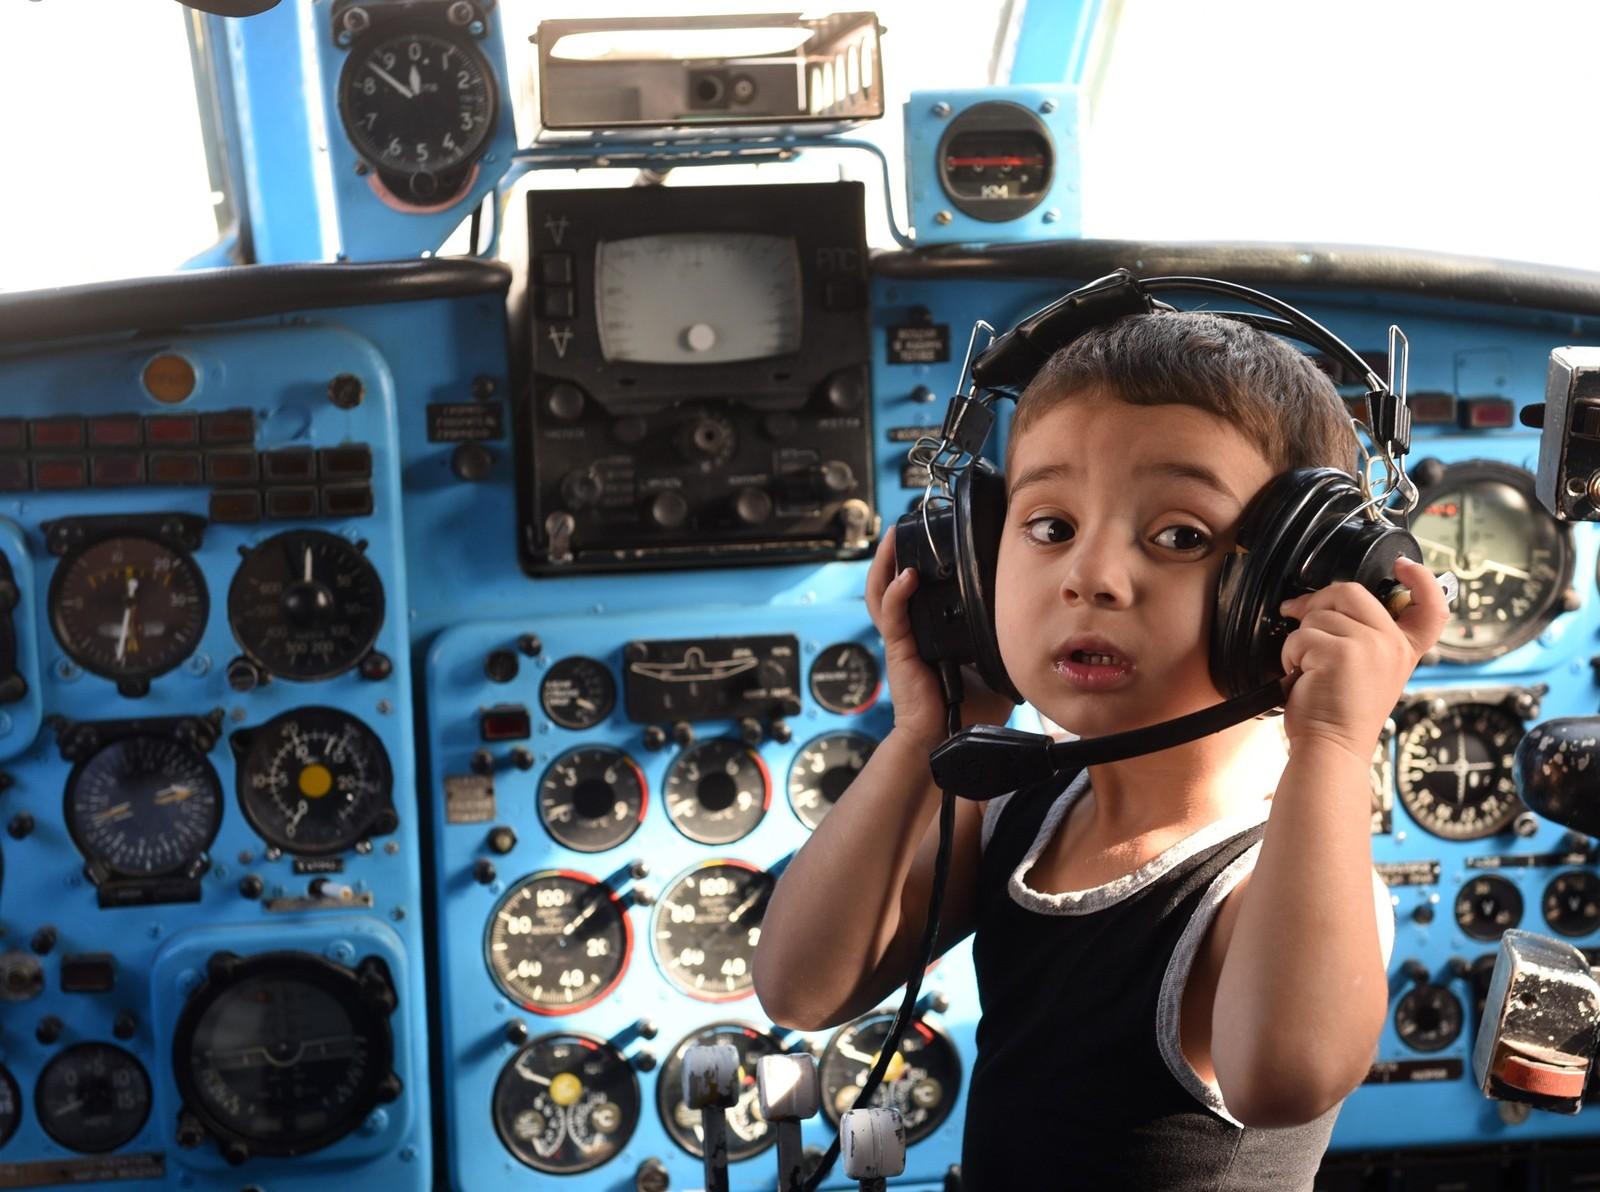 En gutt leker inne i et Yakovlev Yak-40-fly fra Sovjet-tiden. En førskolelærer har bygd om flyet slik at det kan brukes til lek og læring på skolen i byen Rustavi i Georgia. Cockpit-instrumentene er fortsatt intakte og svært populære å leke med.